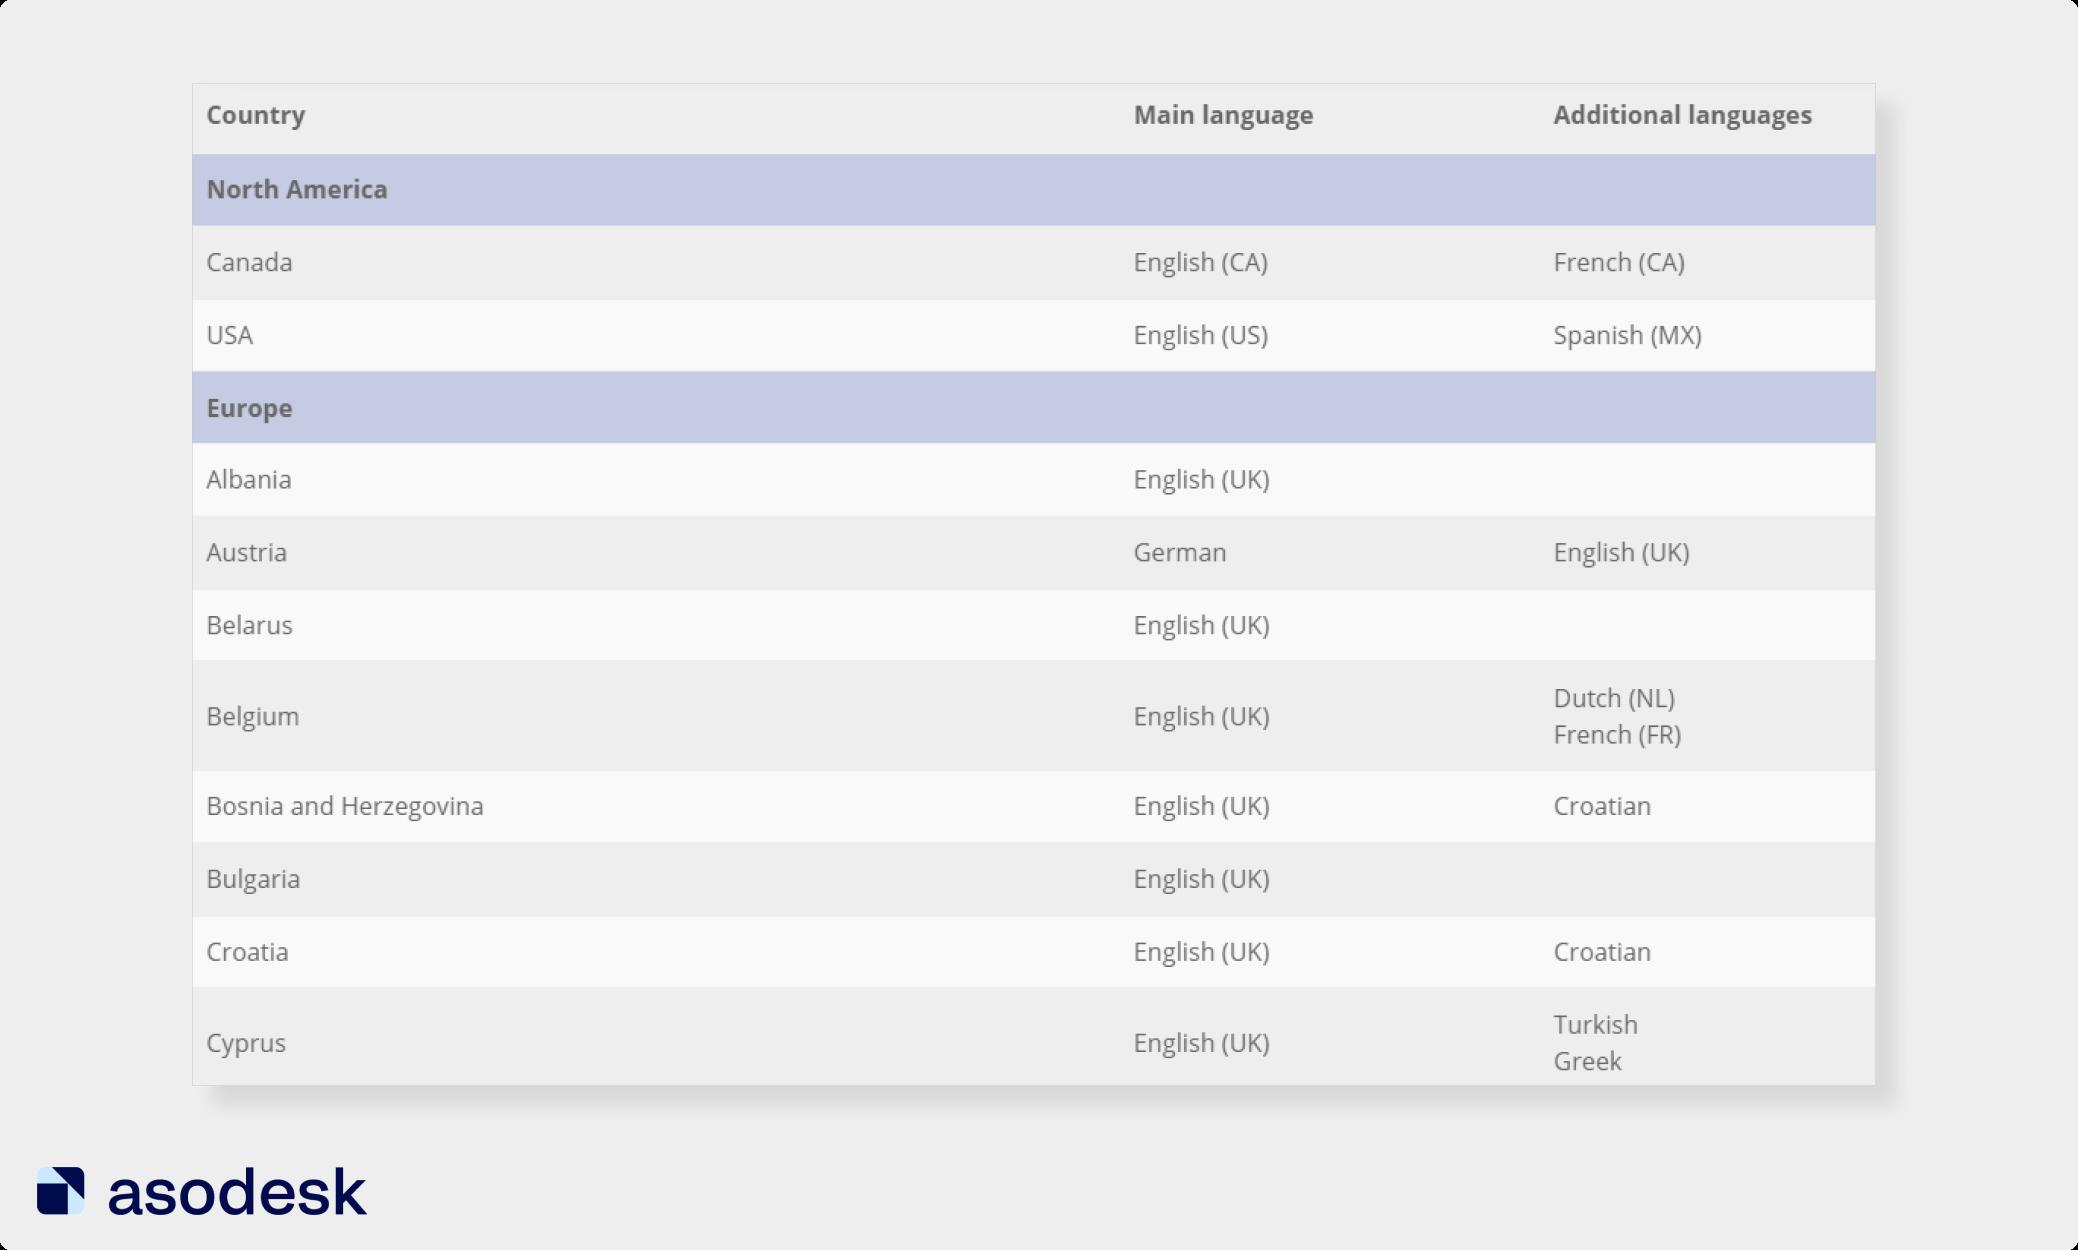 В таблице локализаций вы можете увидеть основной и дополнительные языки для каждой страны в App Store